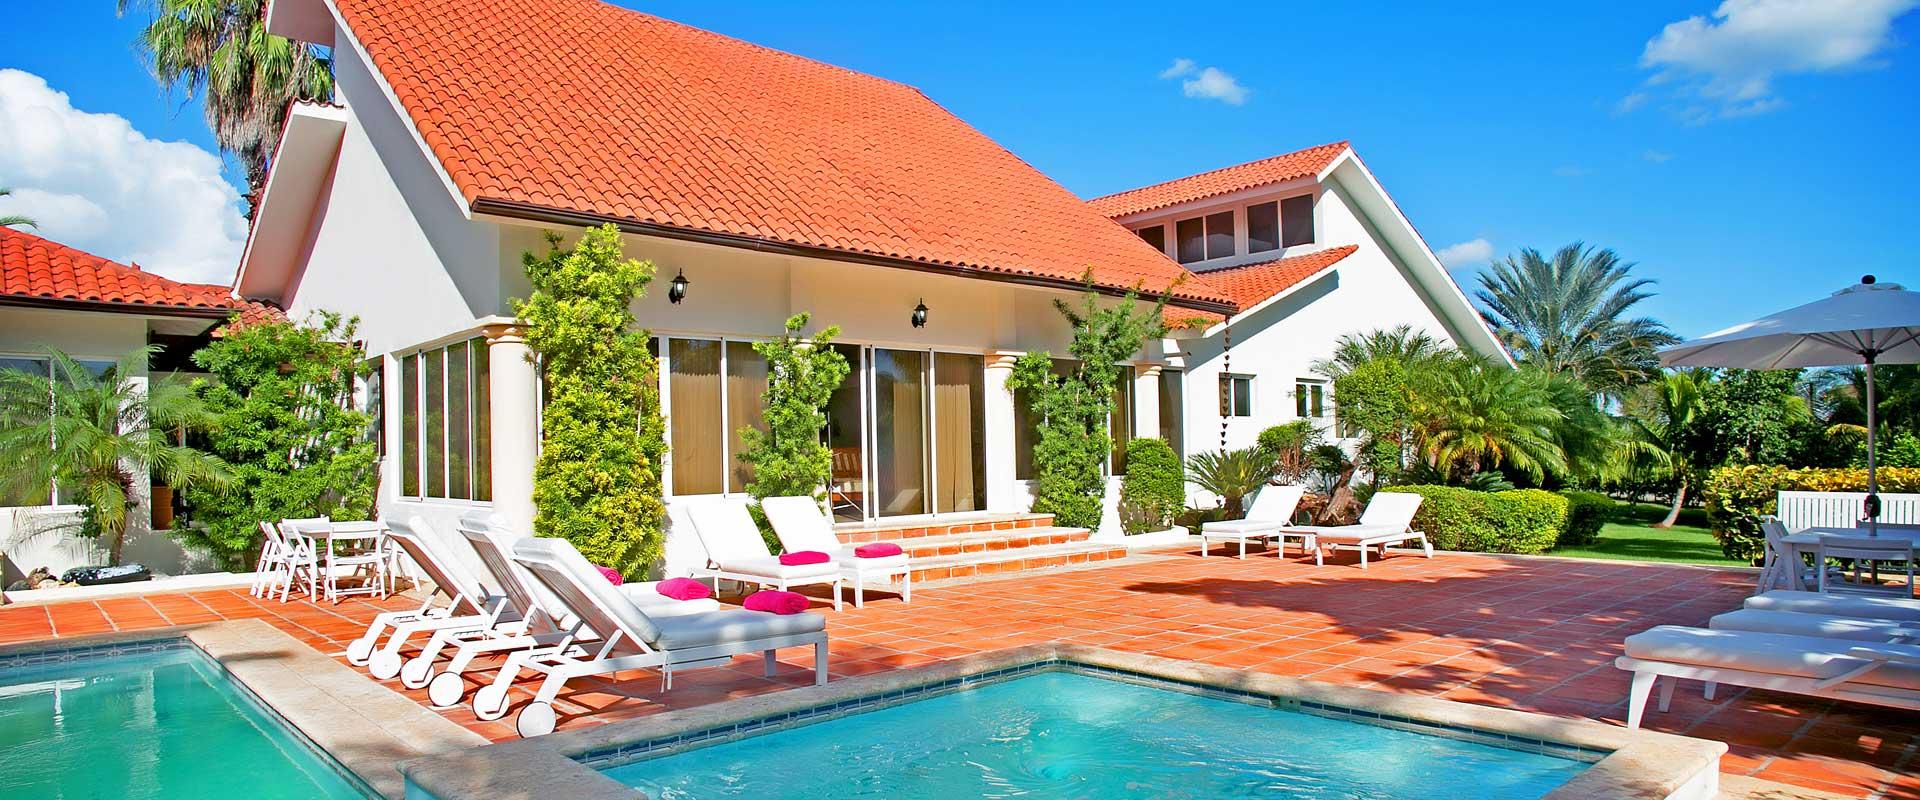 Los altillos villa los altillos casa de campo isle blue for Casa de campo villas